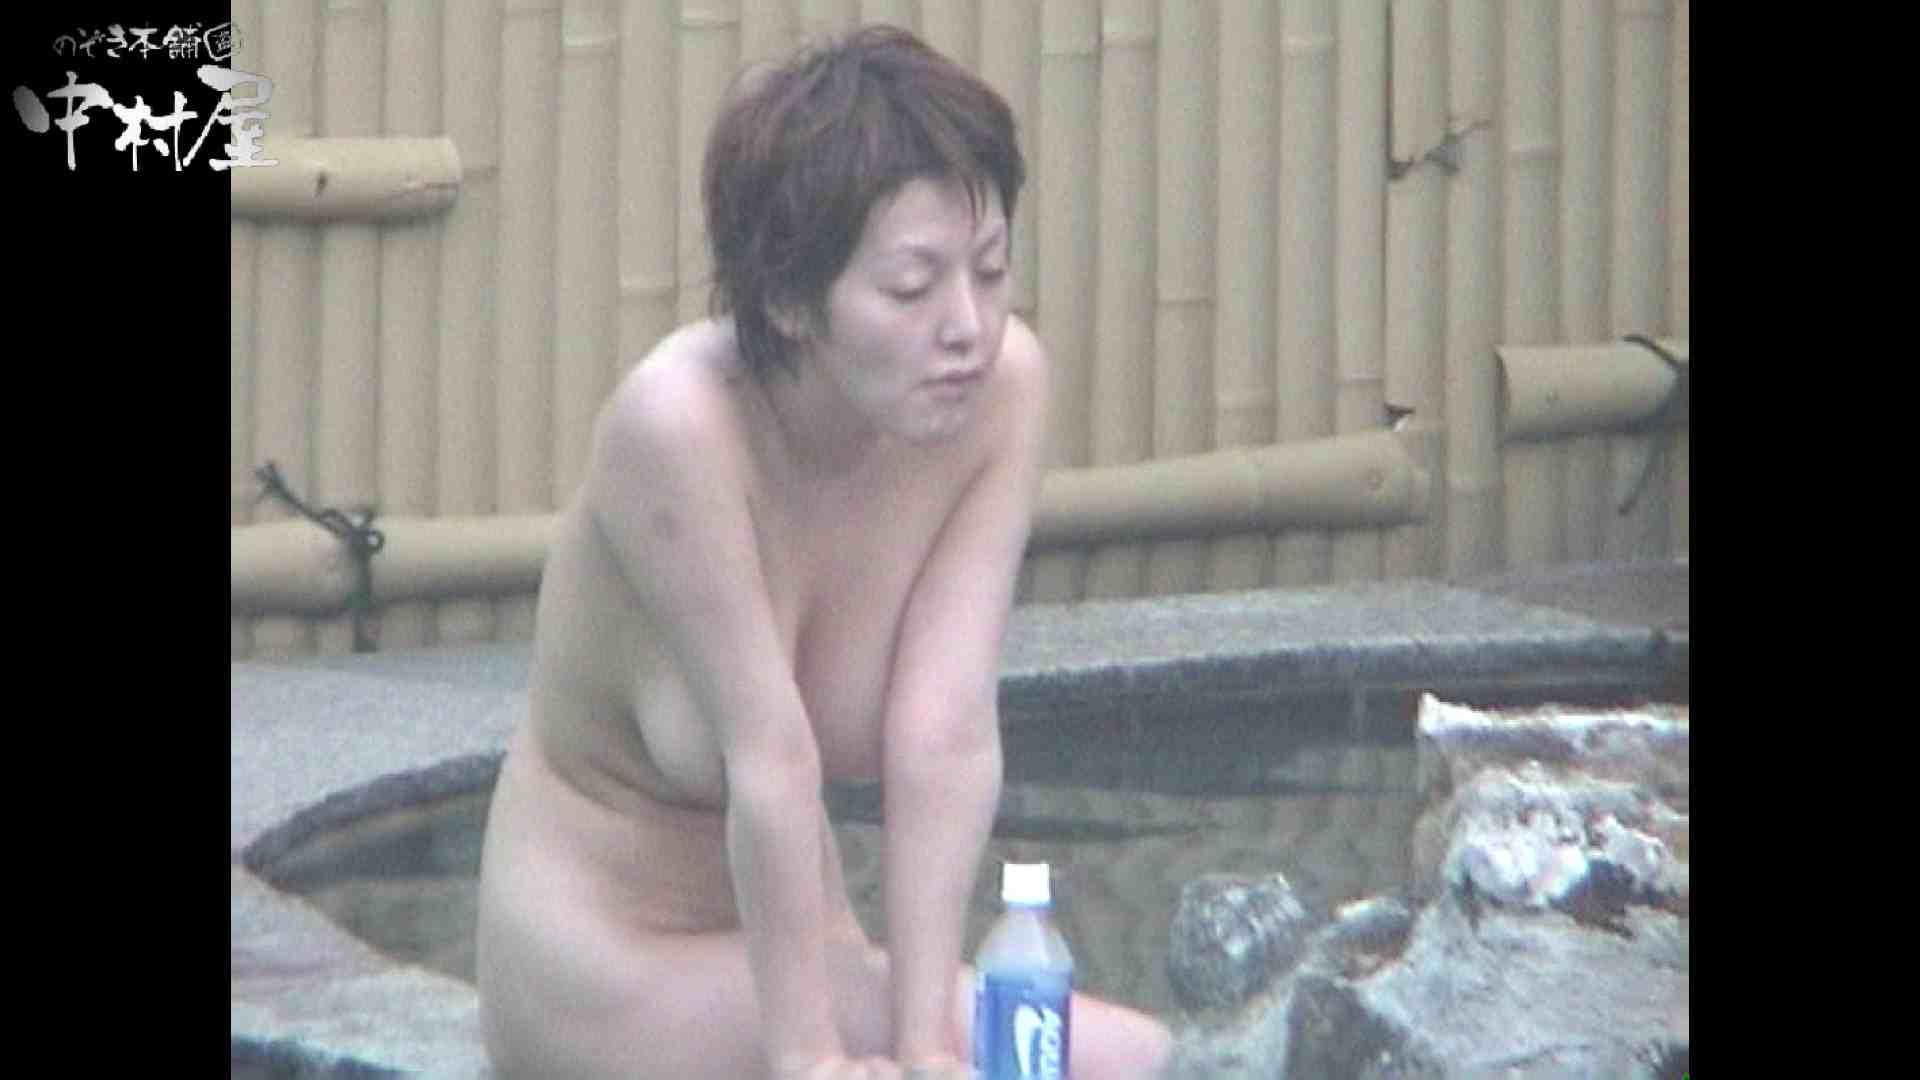 Aquaな露天風呂Vol.959 露天風呂  11枚 10